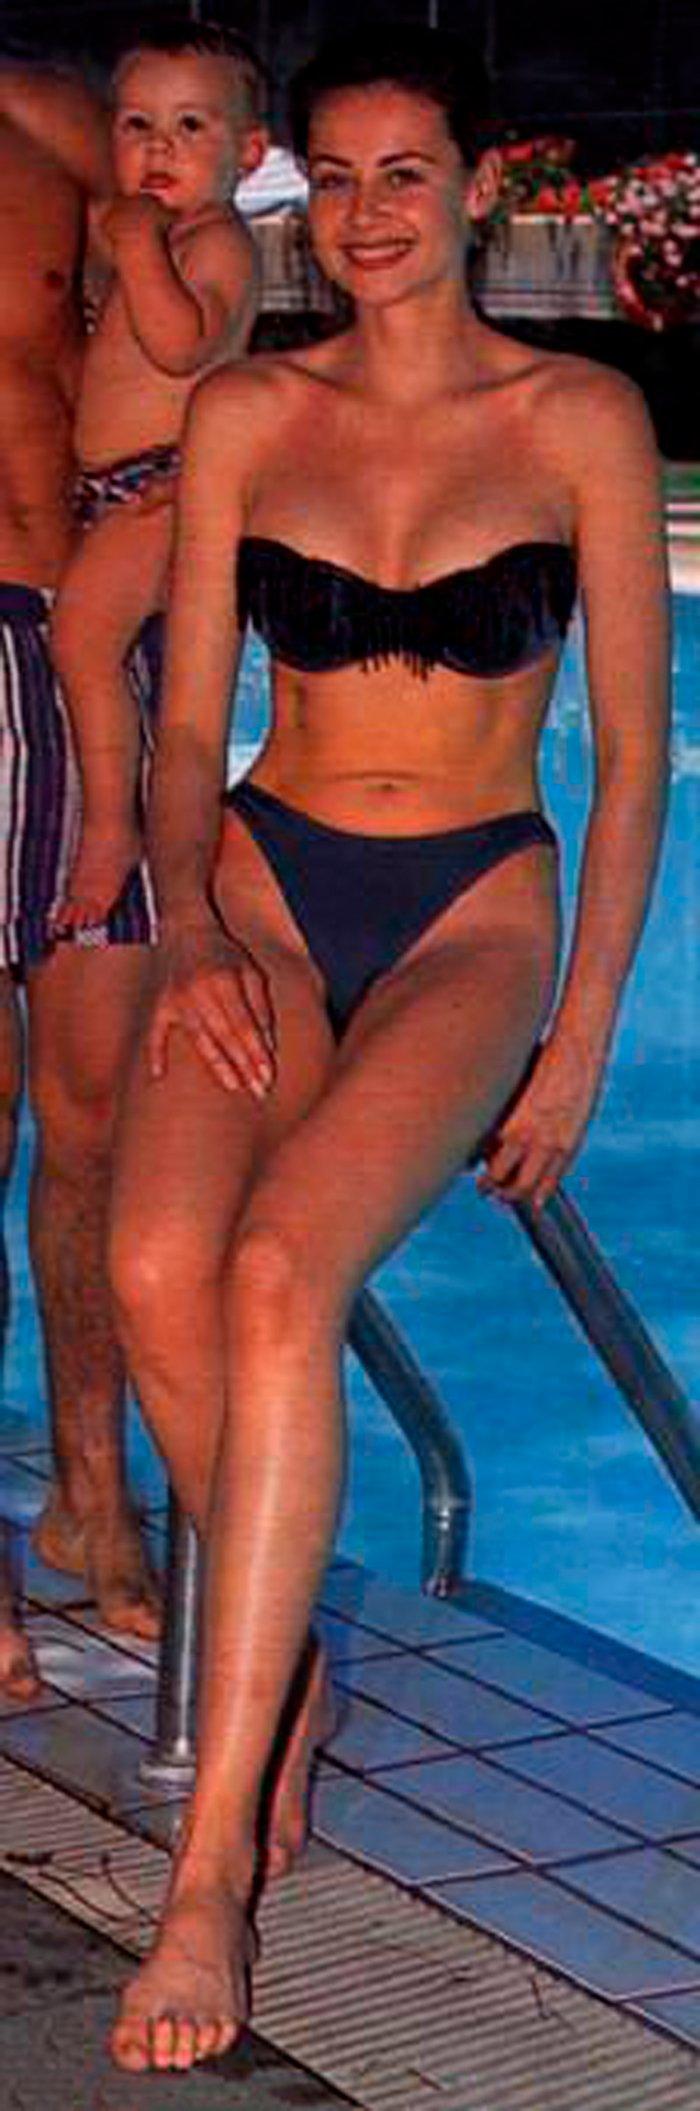 Esther Arroyo espectacular bikini negro